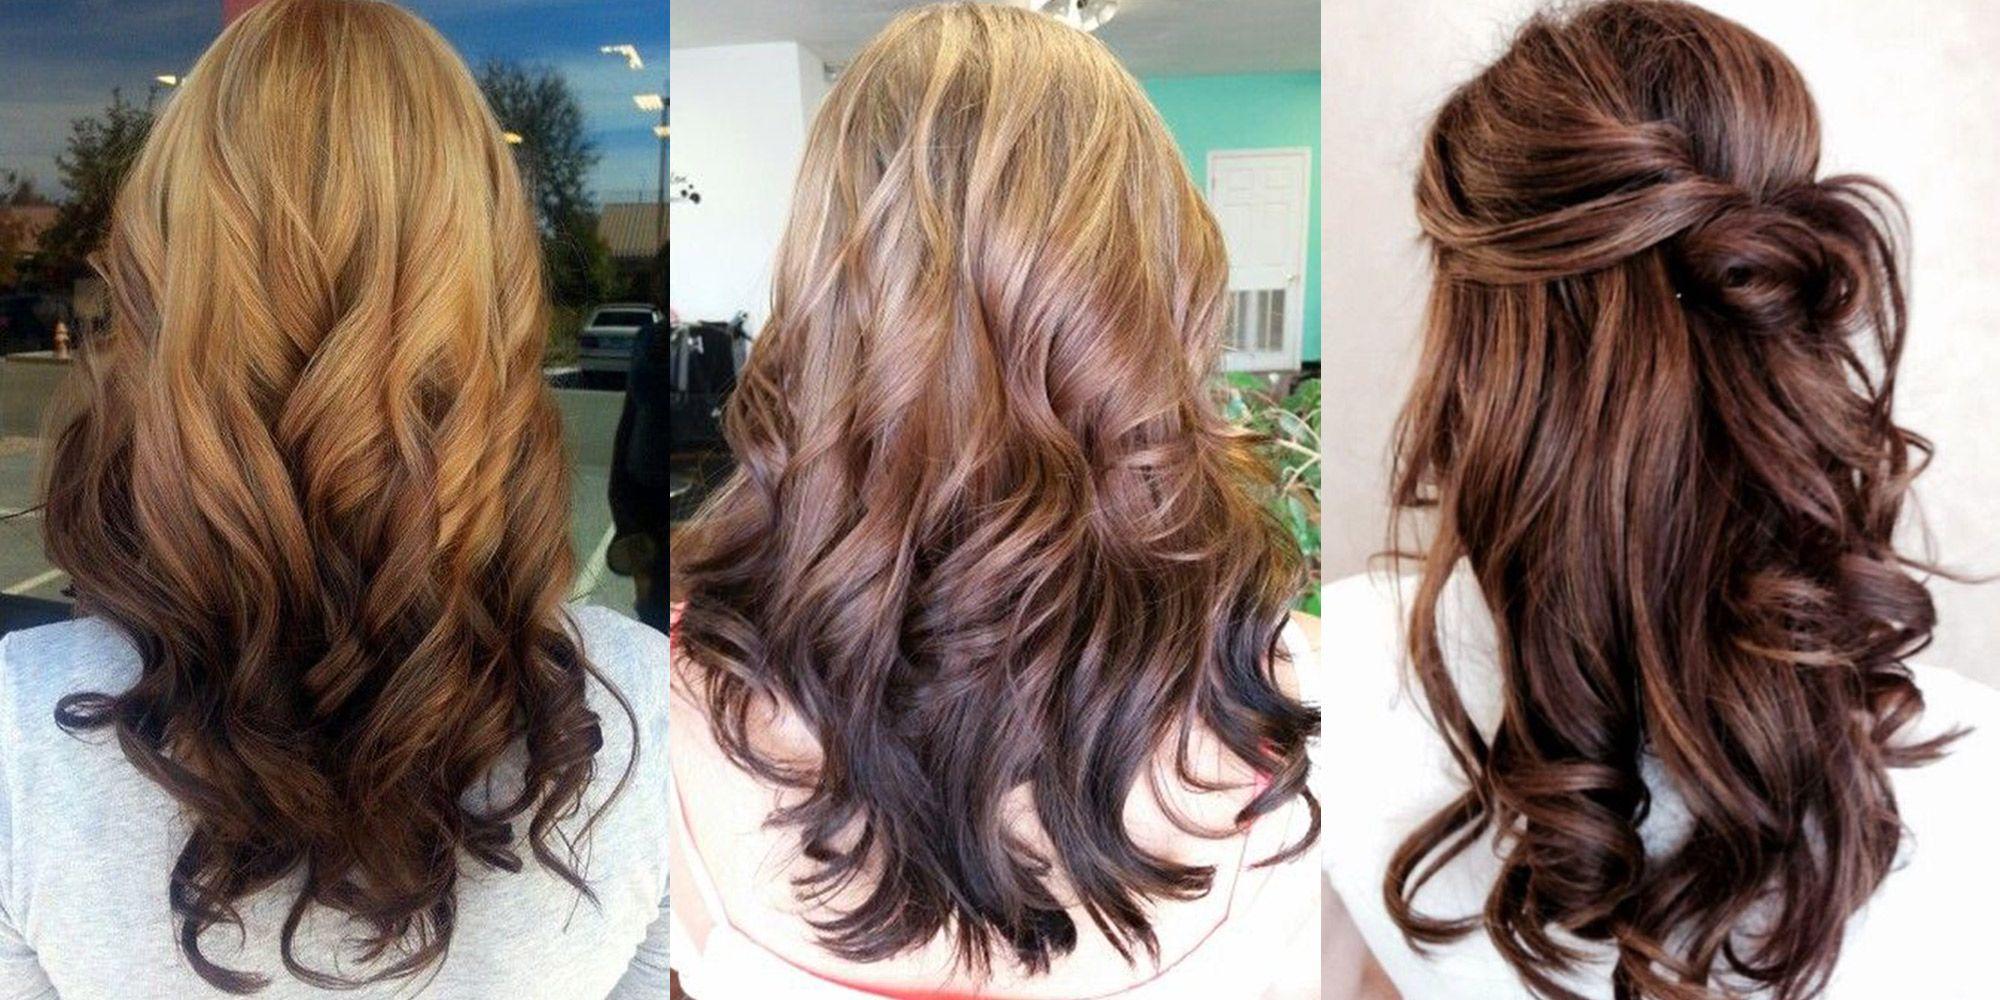 Balayage  la moda colore capelli 2018 è sfumata al contrario b33c54716f05